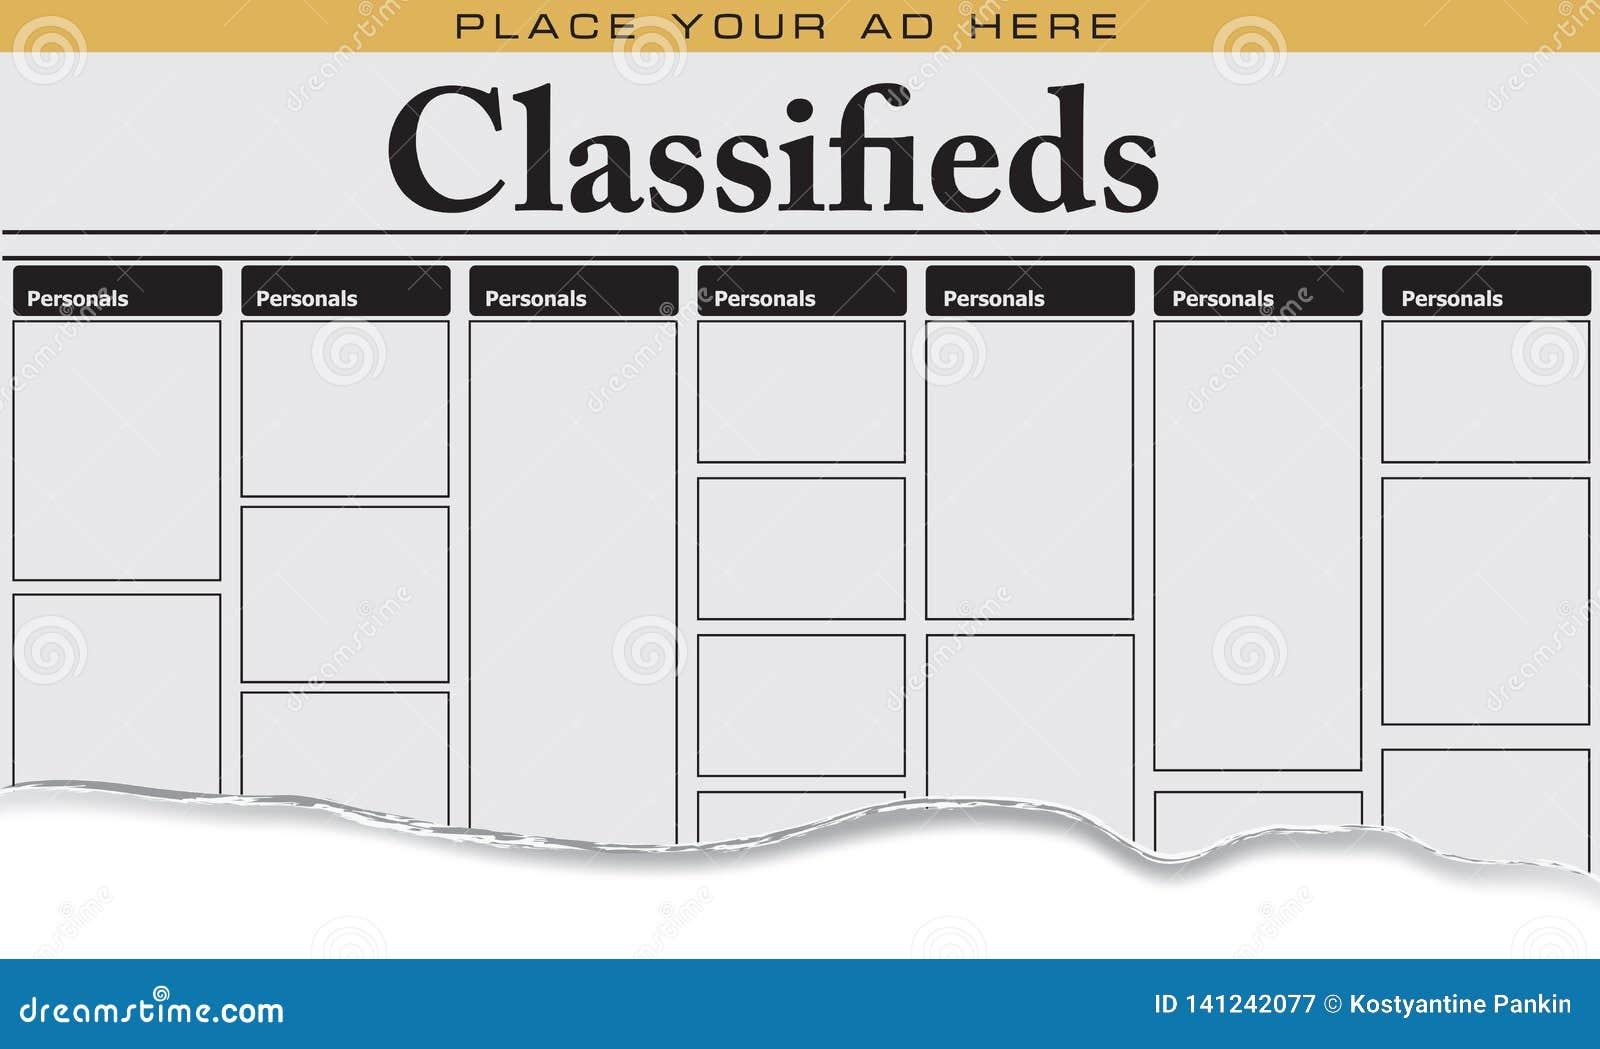 Personnels de classifieds de journal